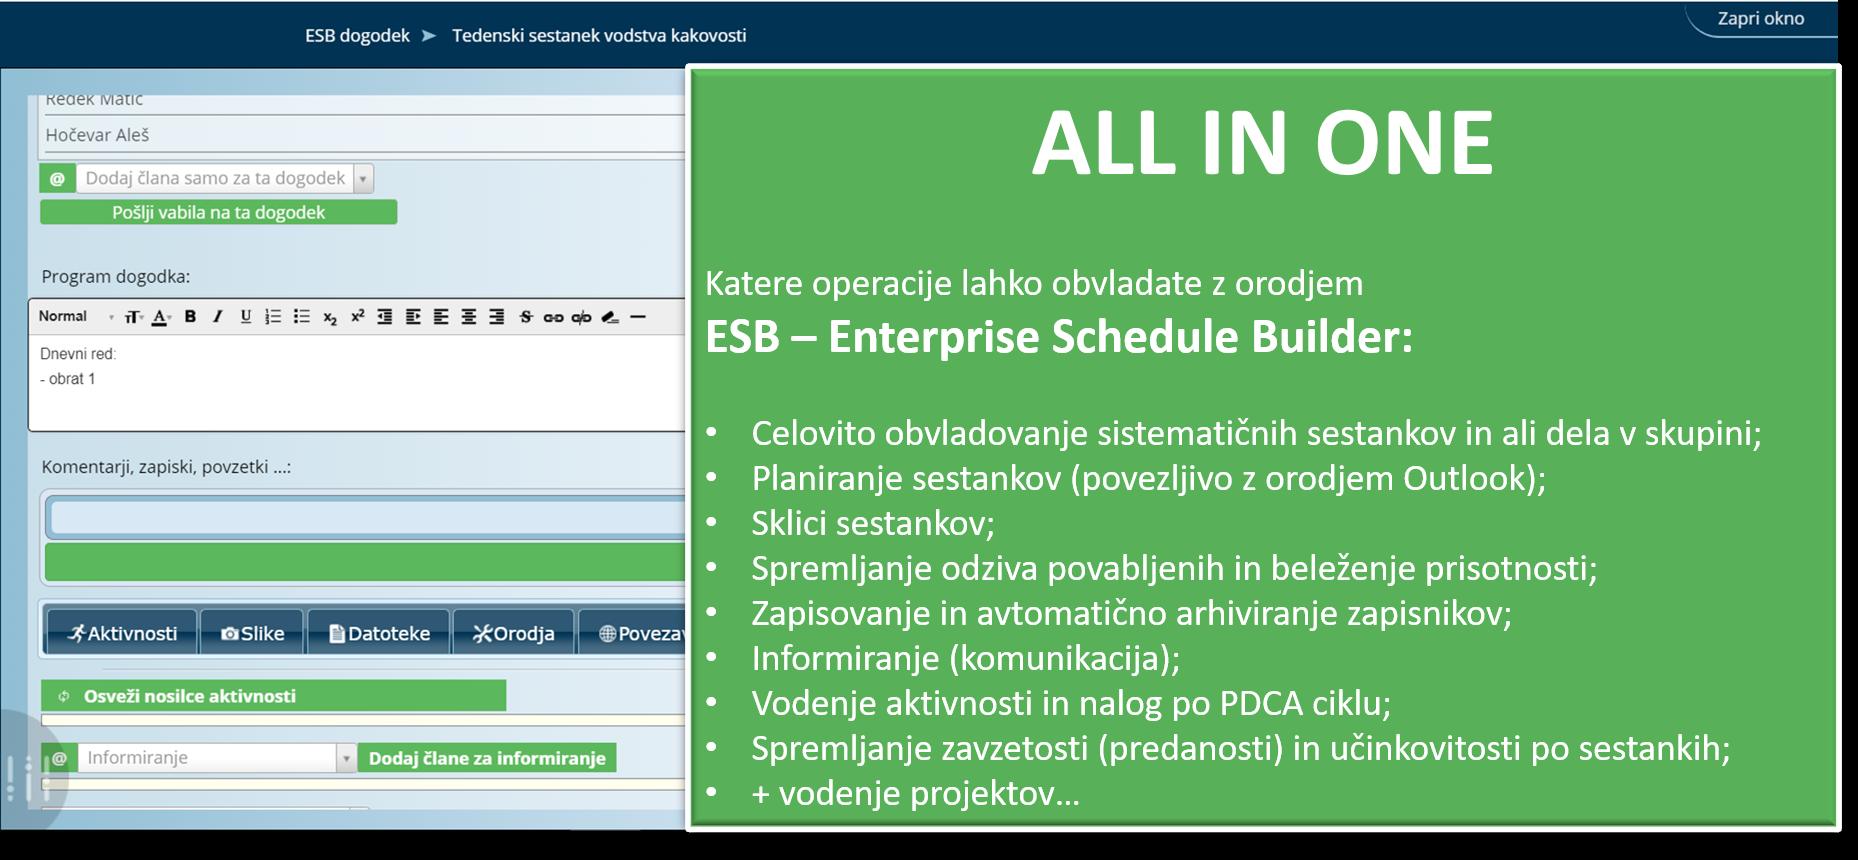 Z uporabo aplikacije ESB – Enterprise Schedule Builder lahko dramatično izboljšate učinkovitost vaših sestankov